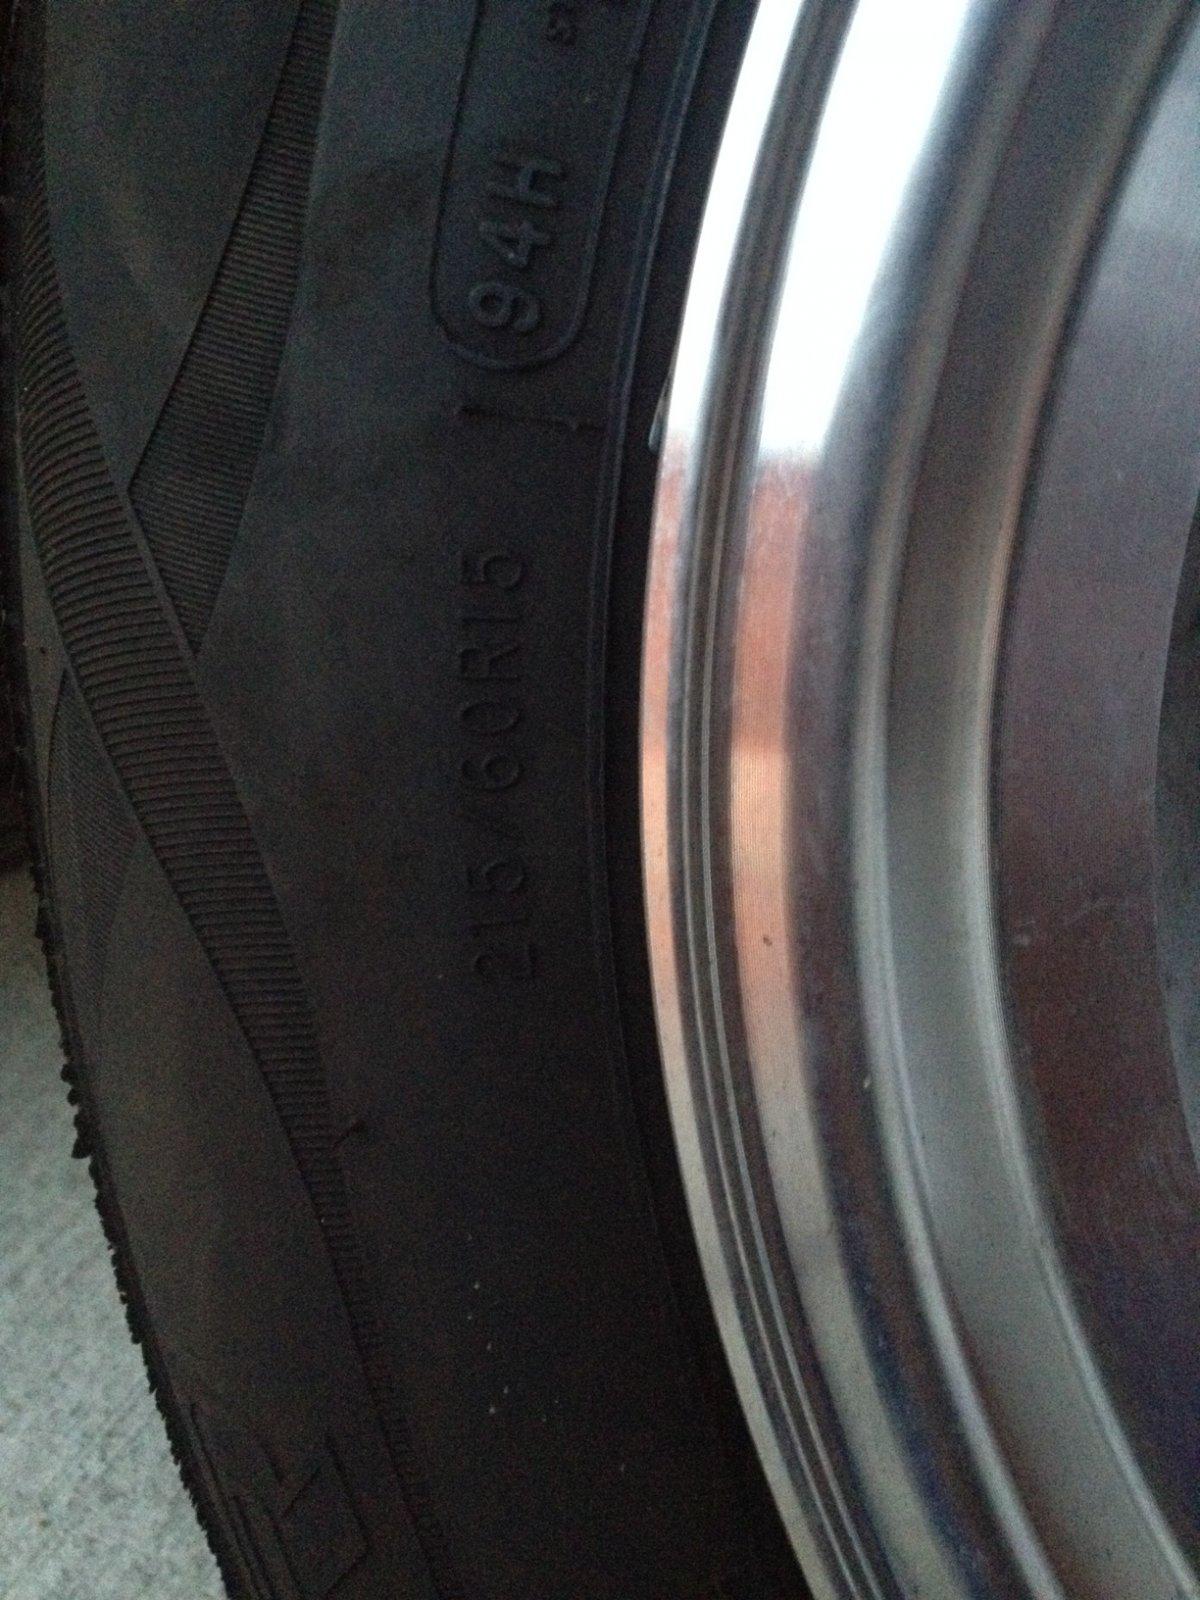 Vintage Wheel Works V40 Wheels with Cooper tires